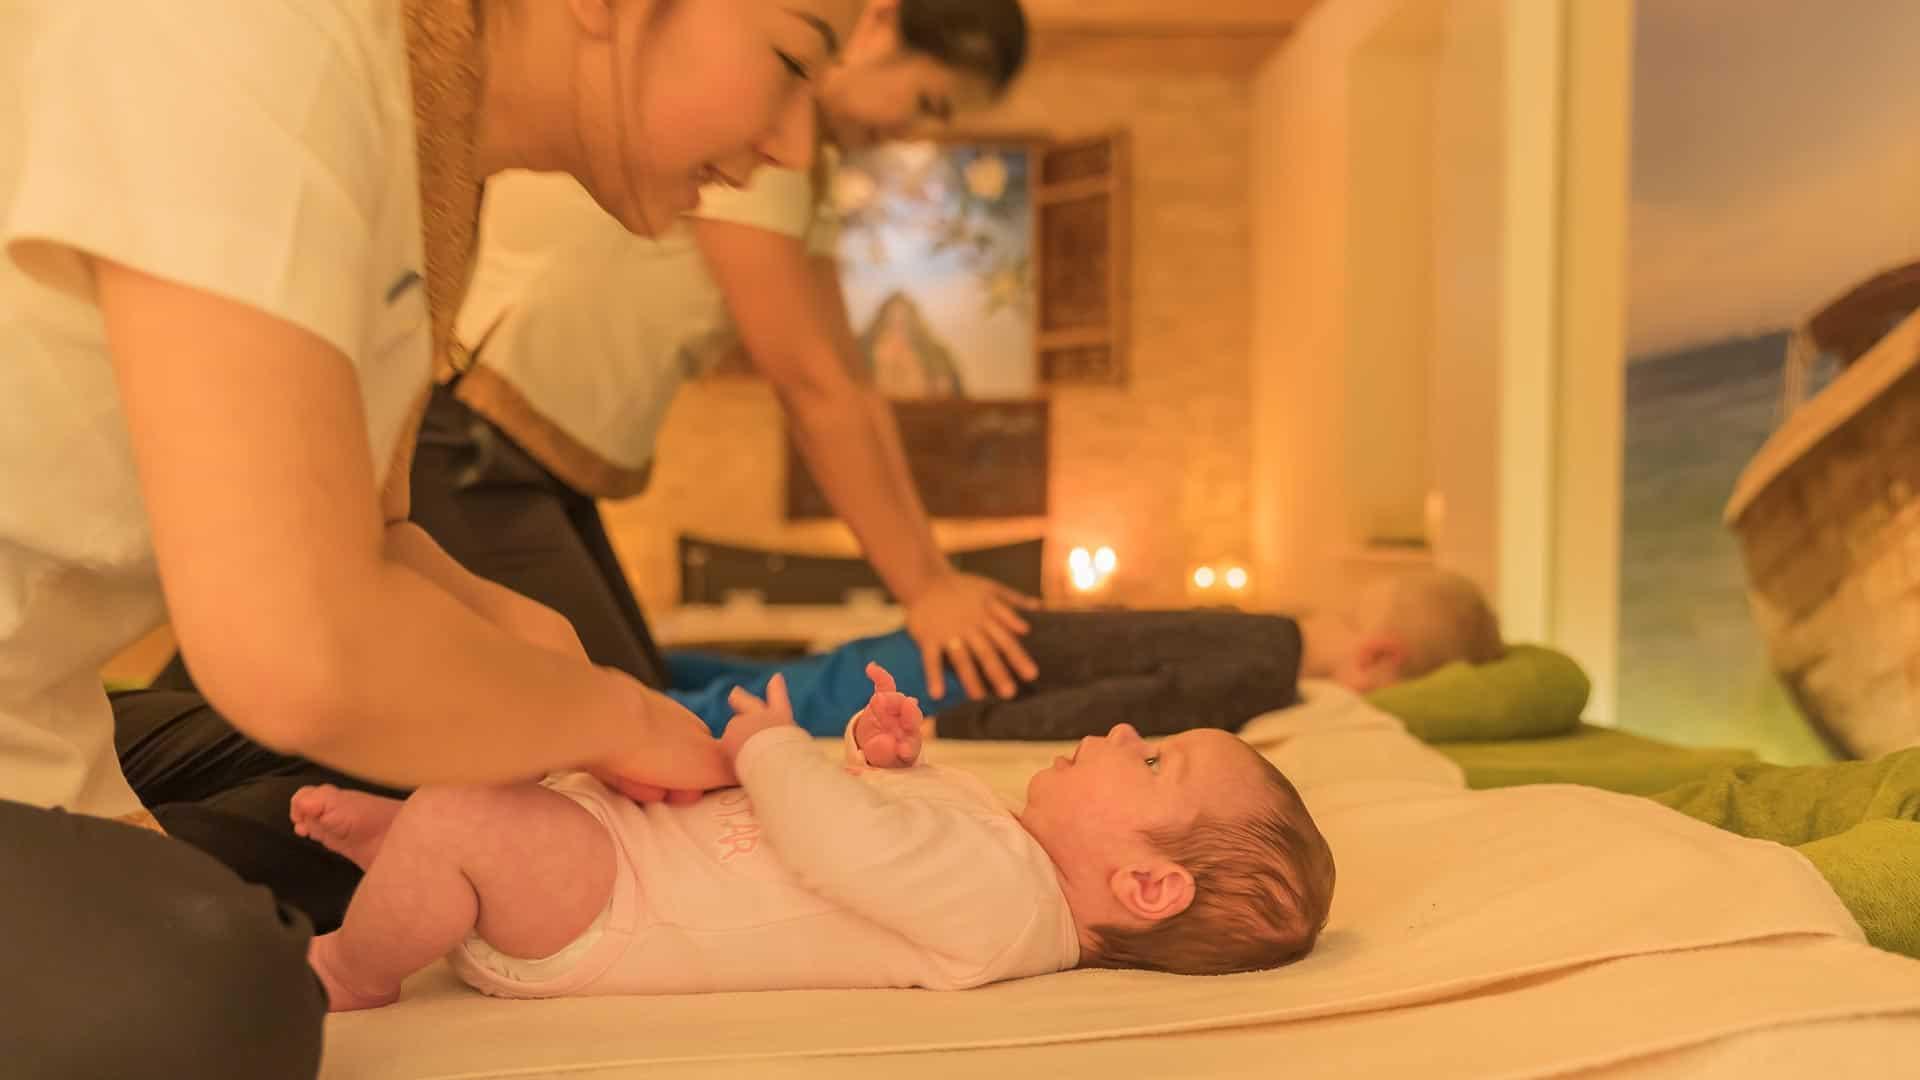 zwei Kinder werden parallel im Massageraum auf den Massageliegen massiert.